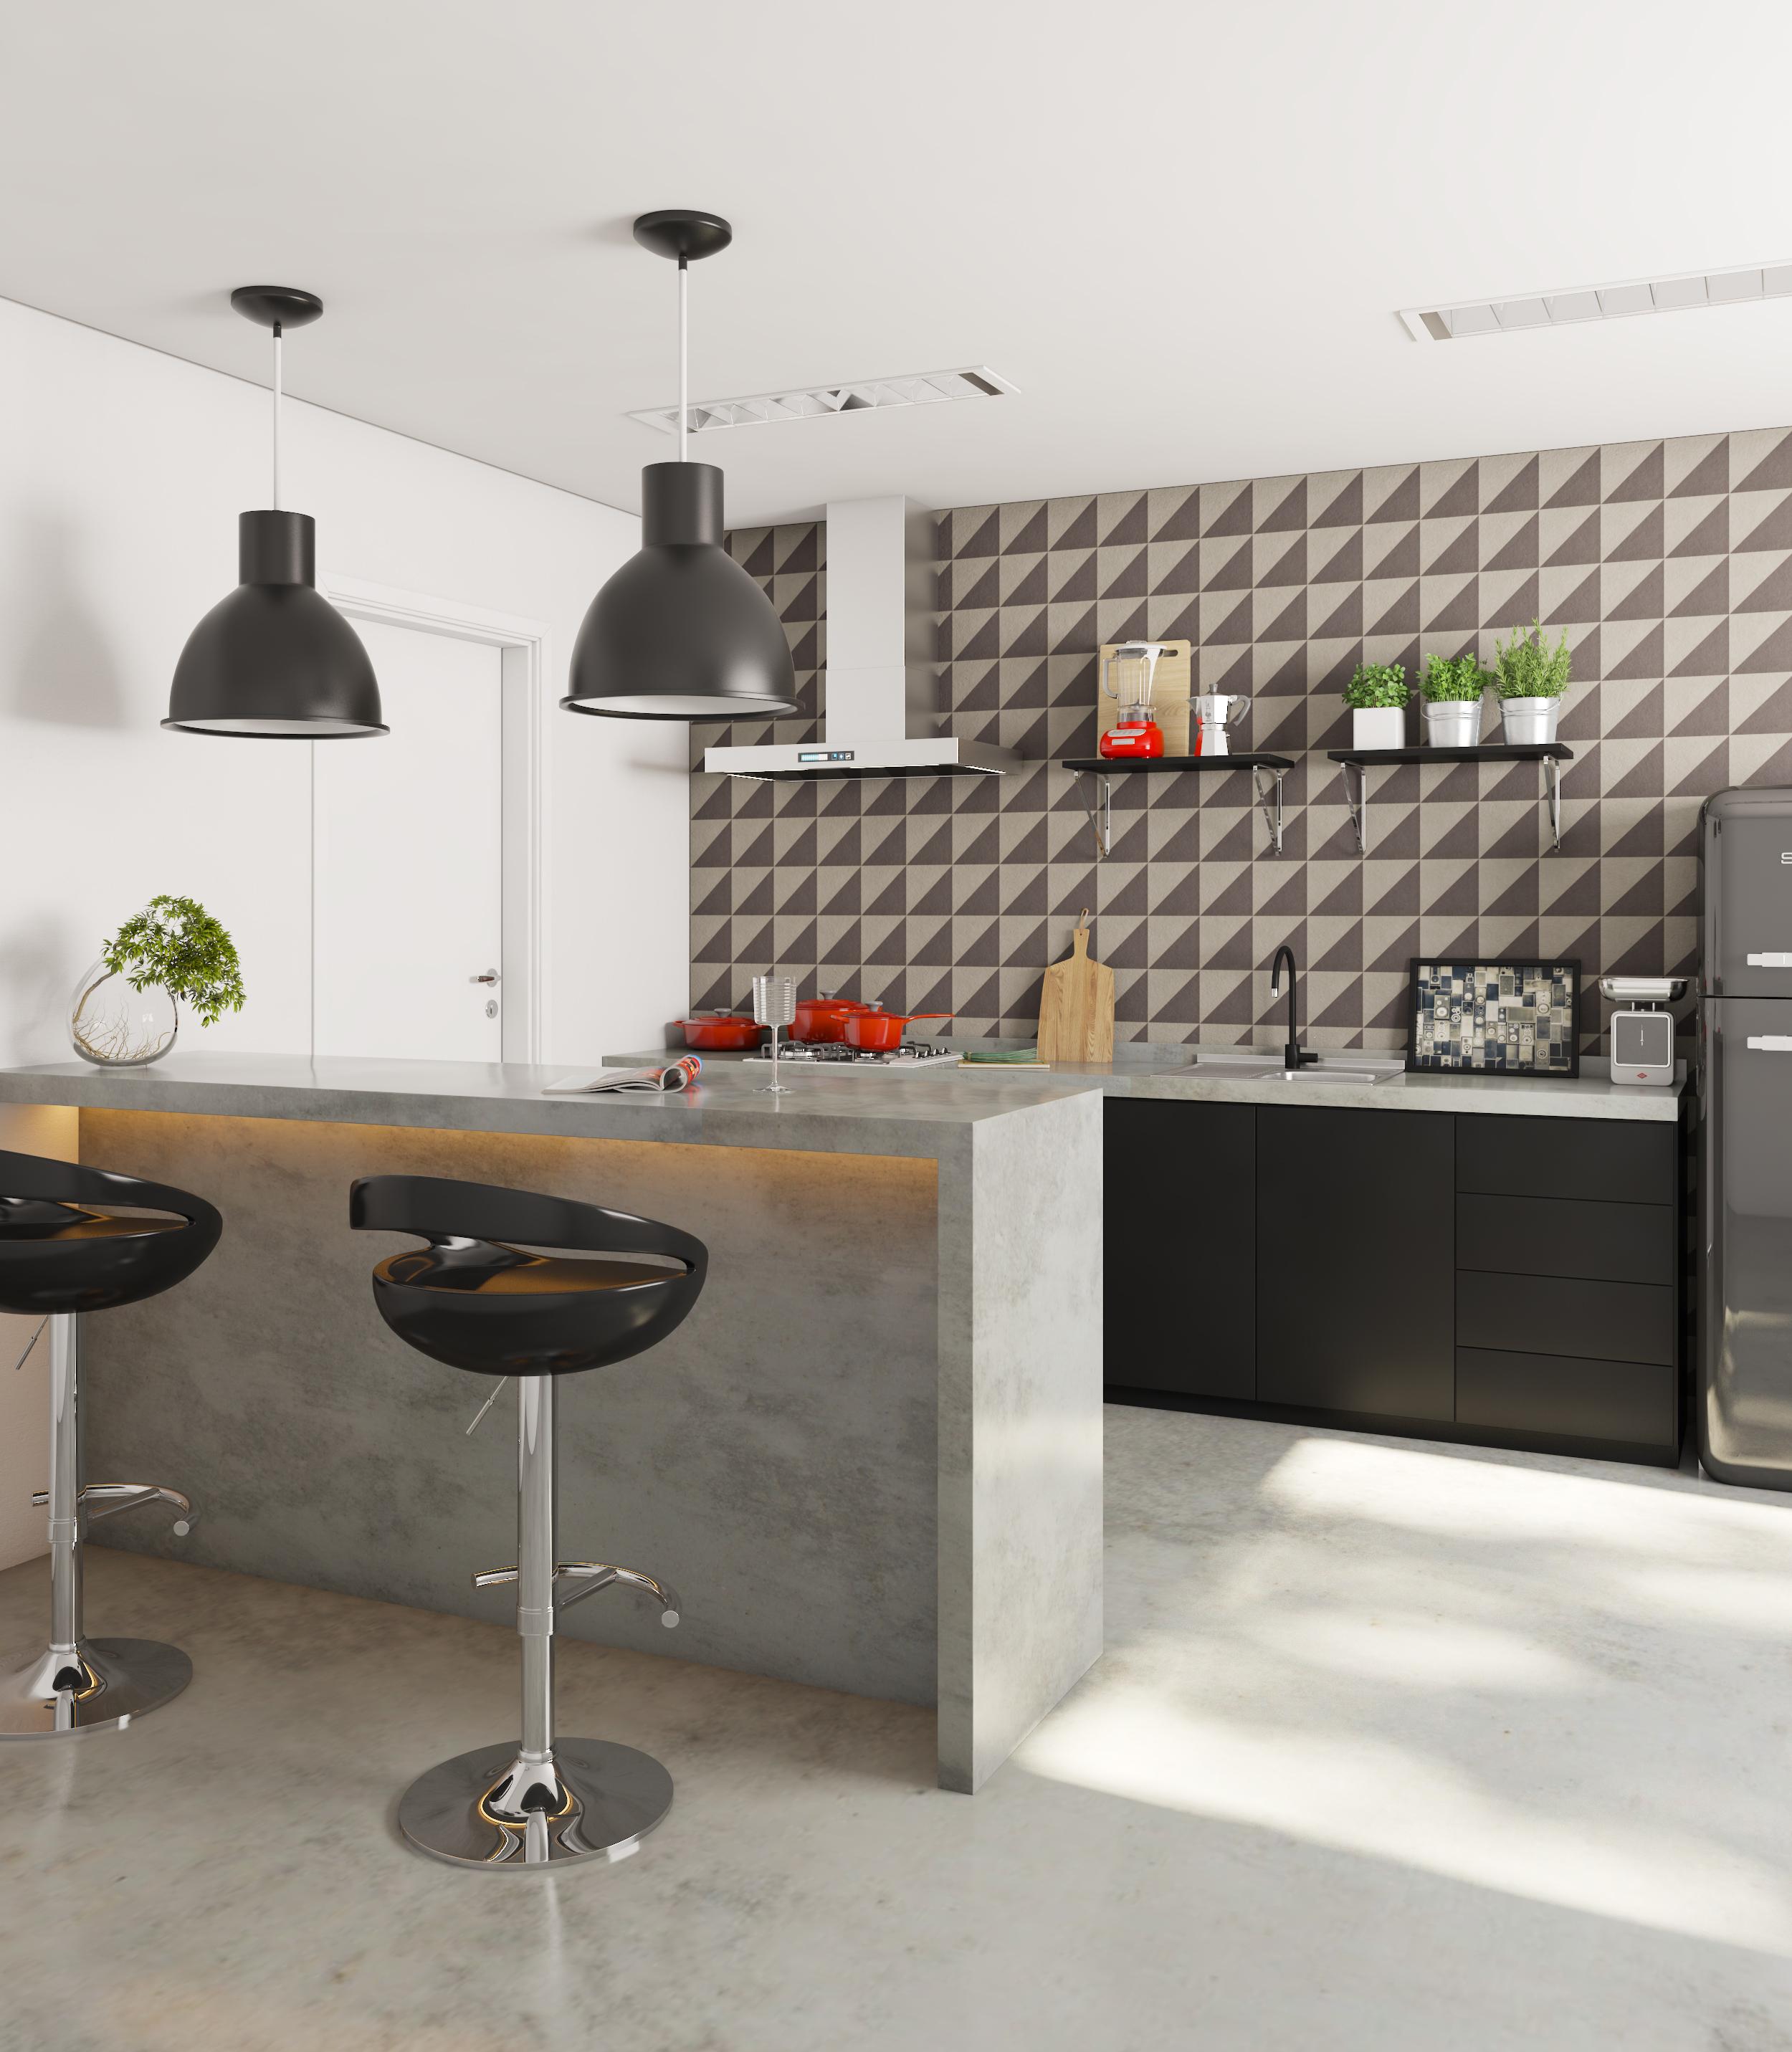 Cozinha Grande Com Detalhe Preto E Branco Leroy Merlin